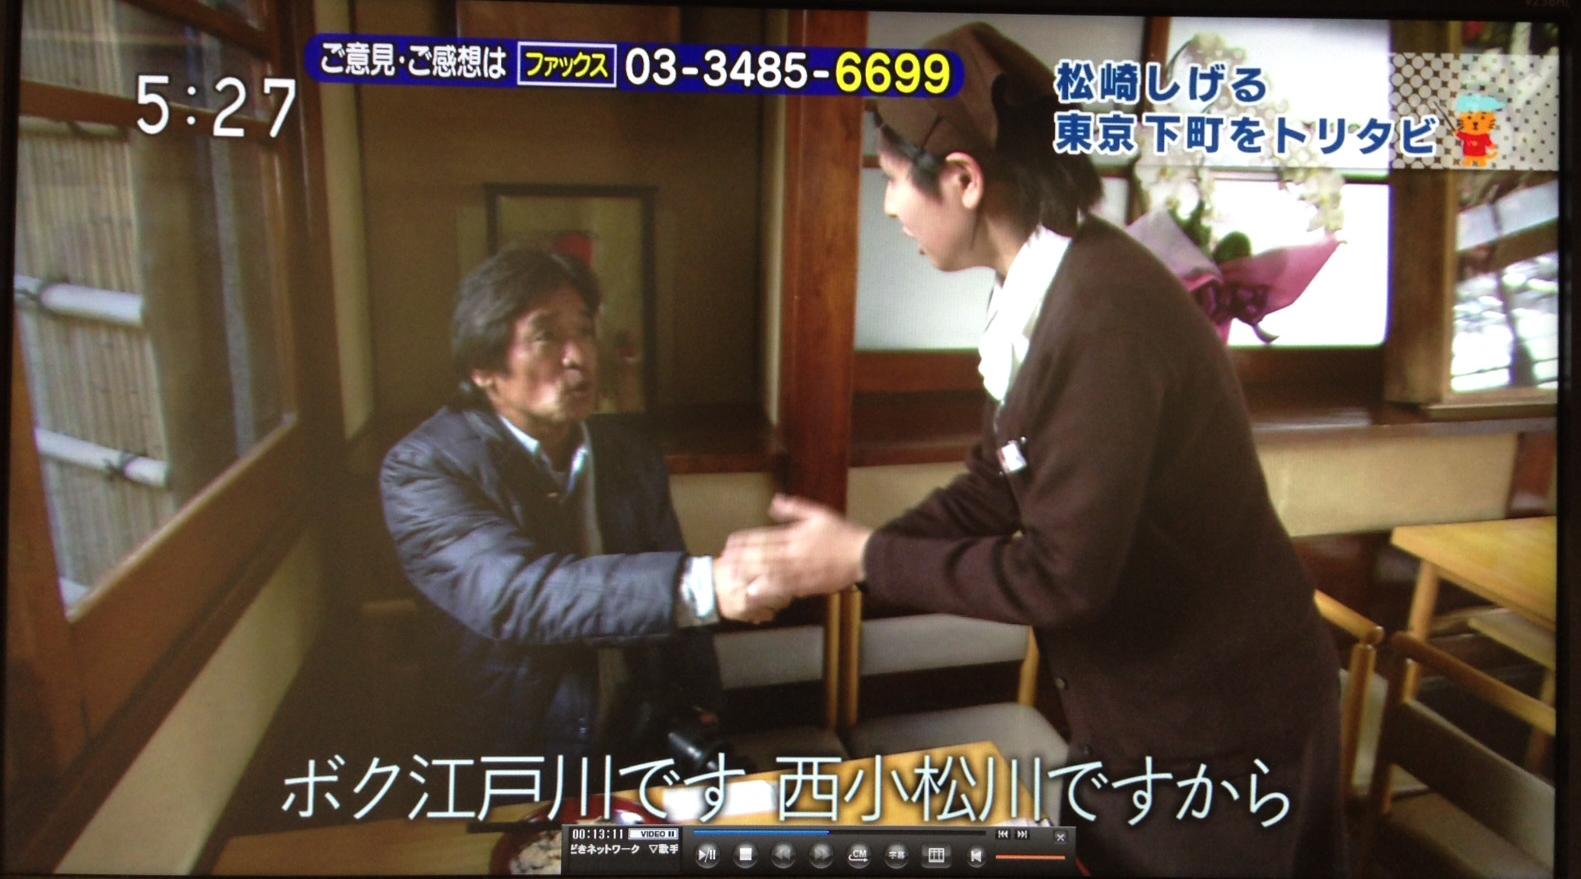 ゆうどき4 そして、松崎しげるさんは、昔の亀戸の様子もお詳しく、亀戸の昔話でも話が... ゆうど